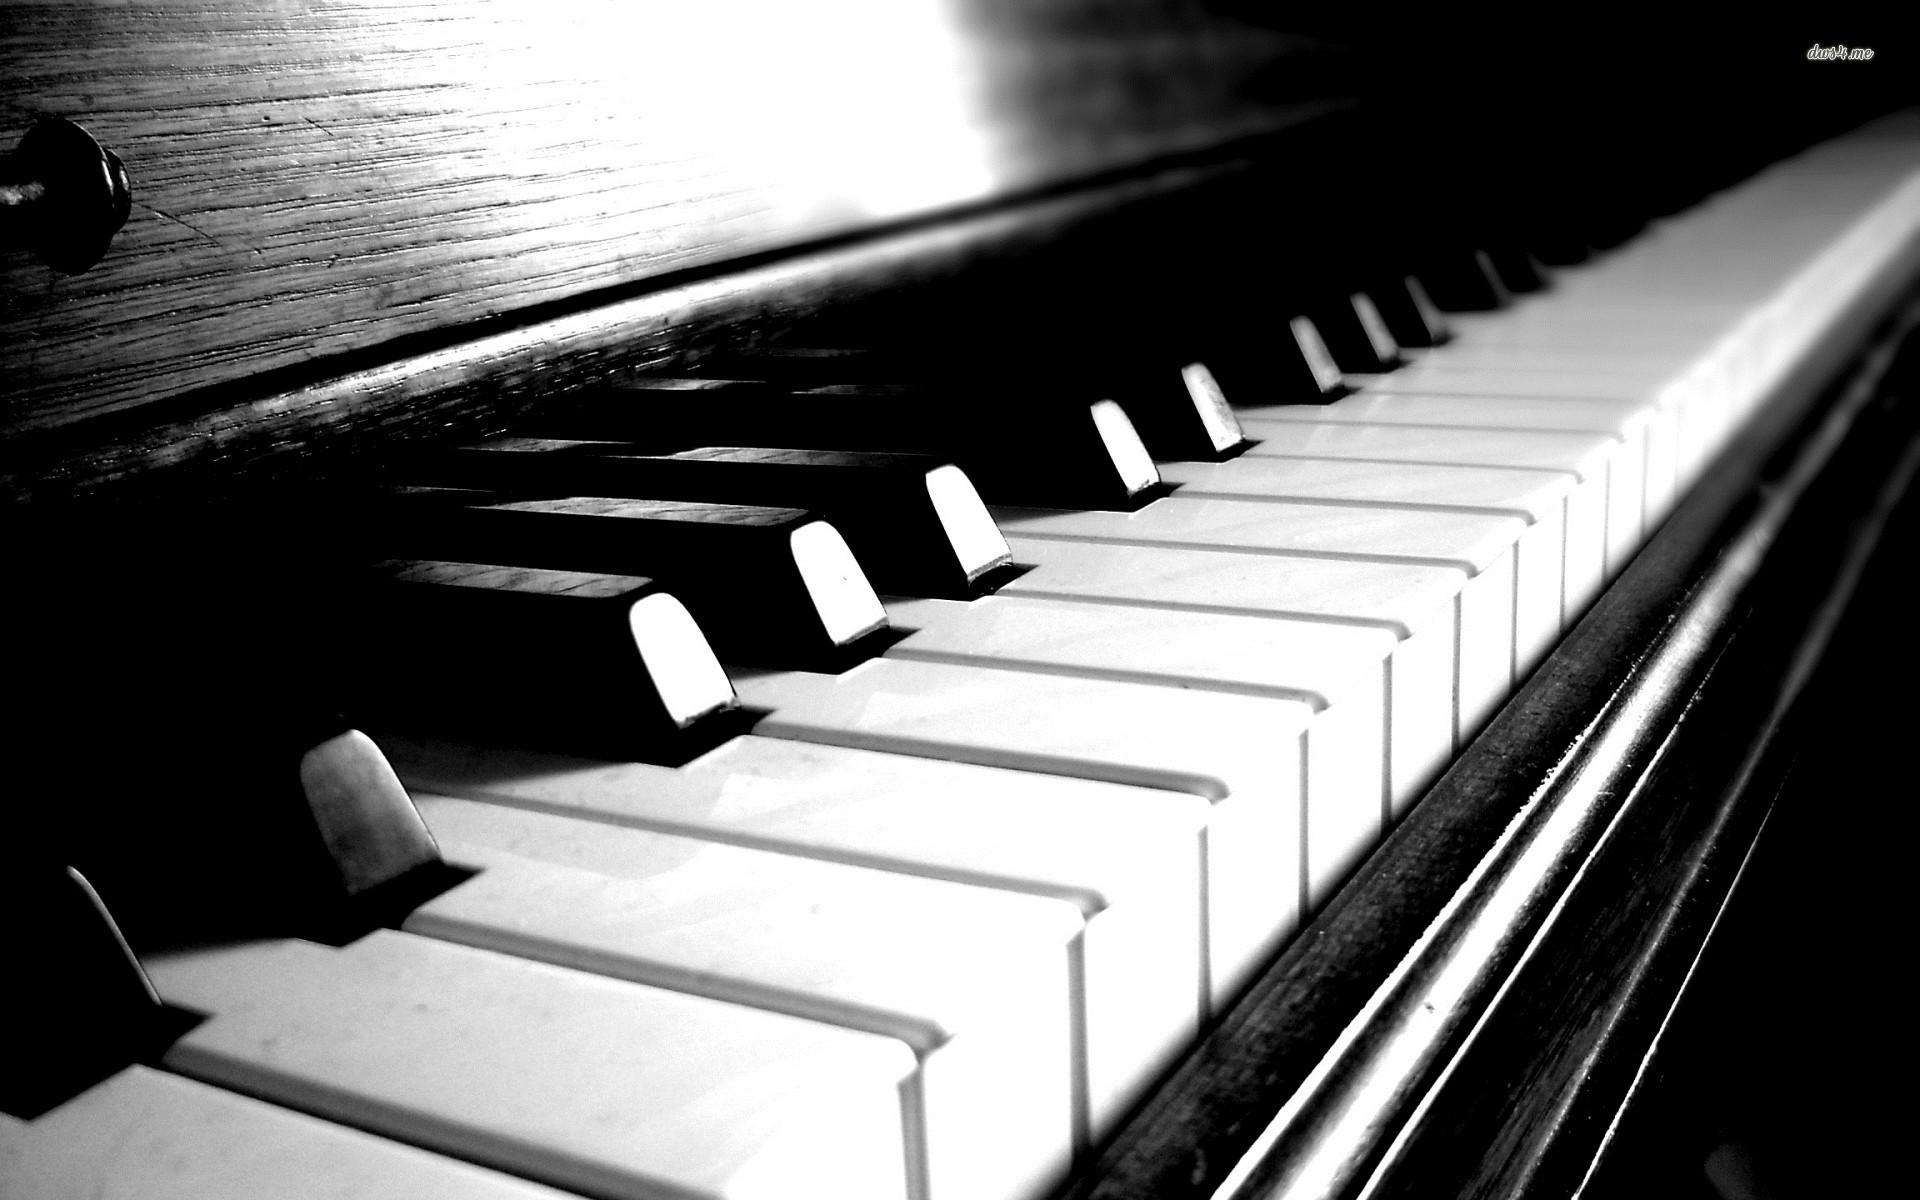 piano images wallpaper wallpapersafari